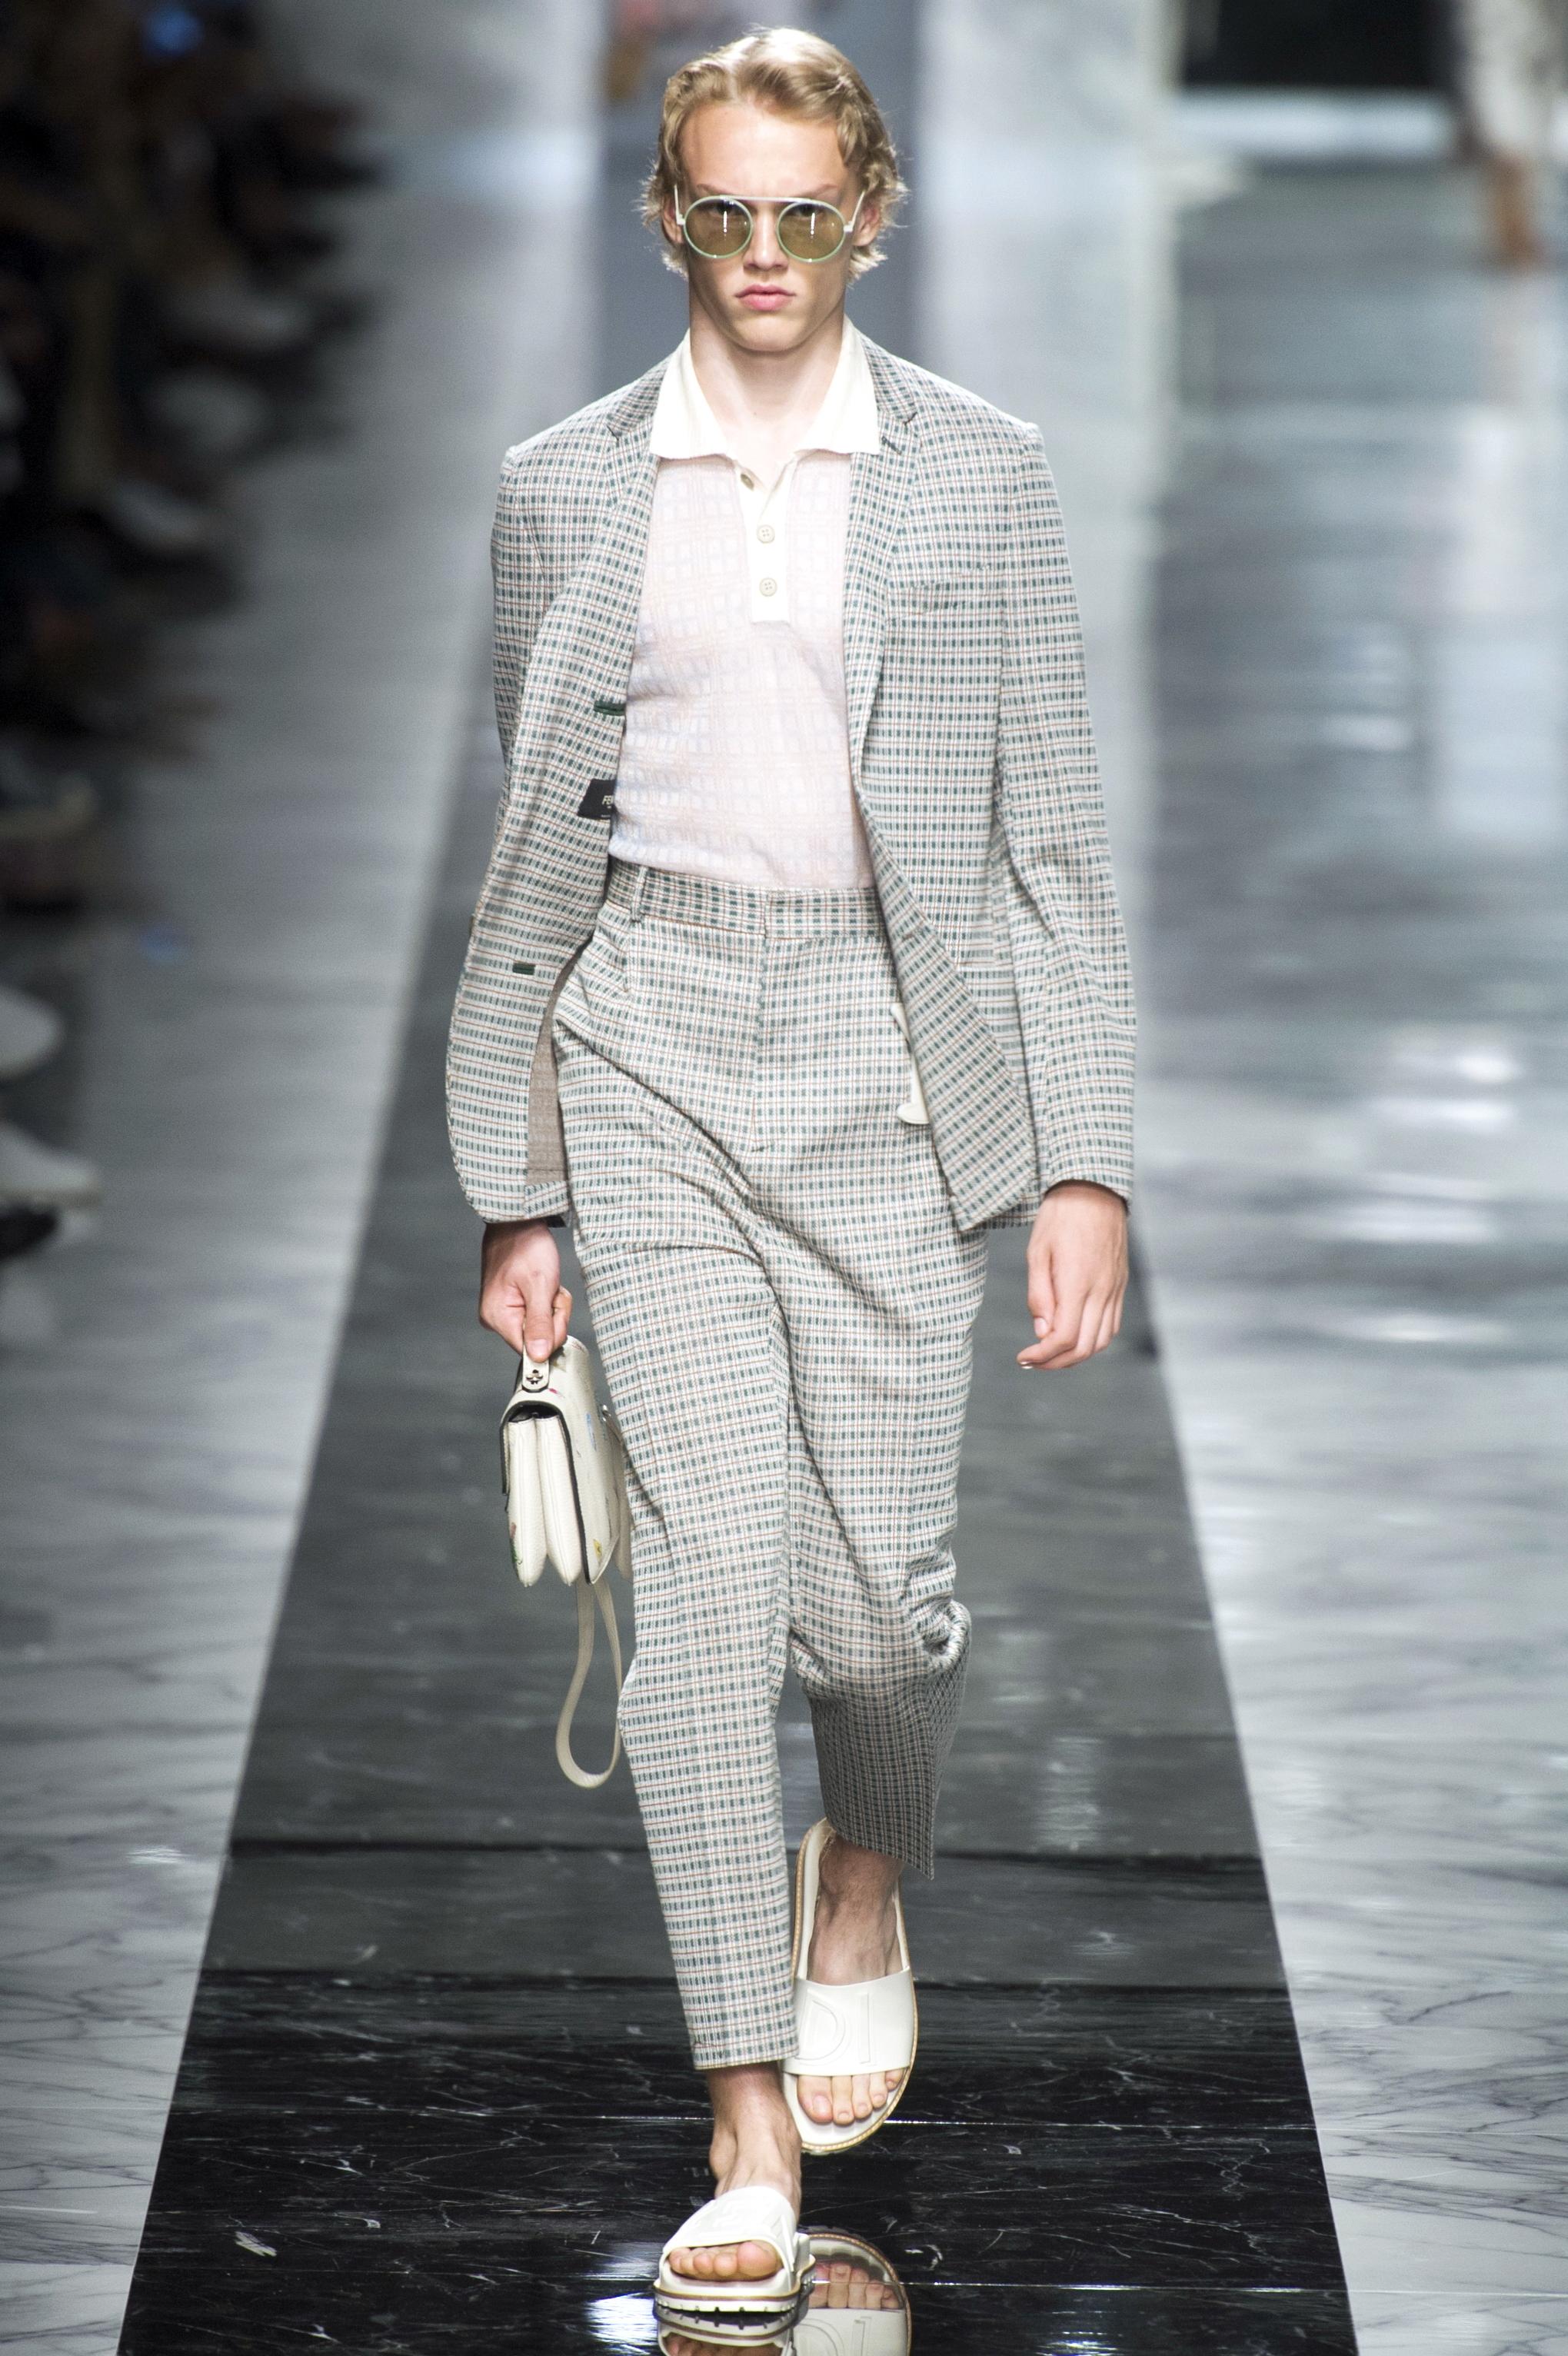 Milan Men's Fashion Week Spring/ Summer 2018: High Rise-Hose in der Show von Fendi